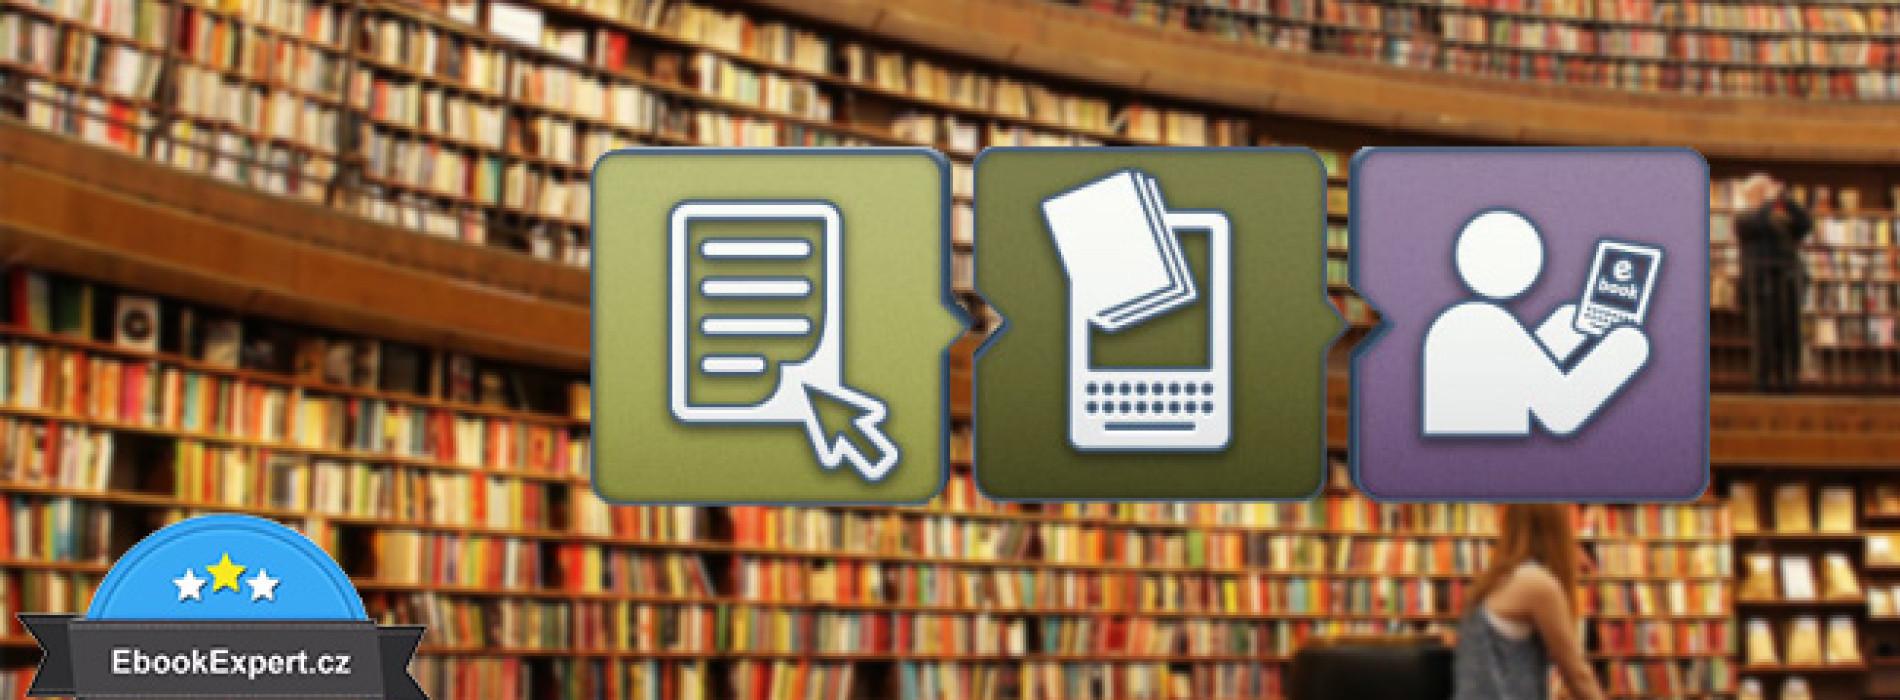 Vypůjčování e-knih z knihoven v ČR realitou